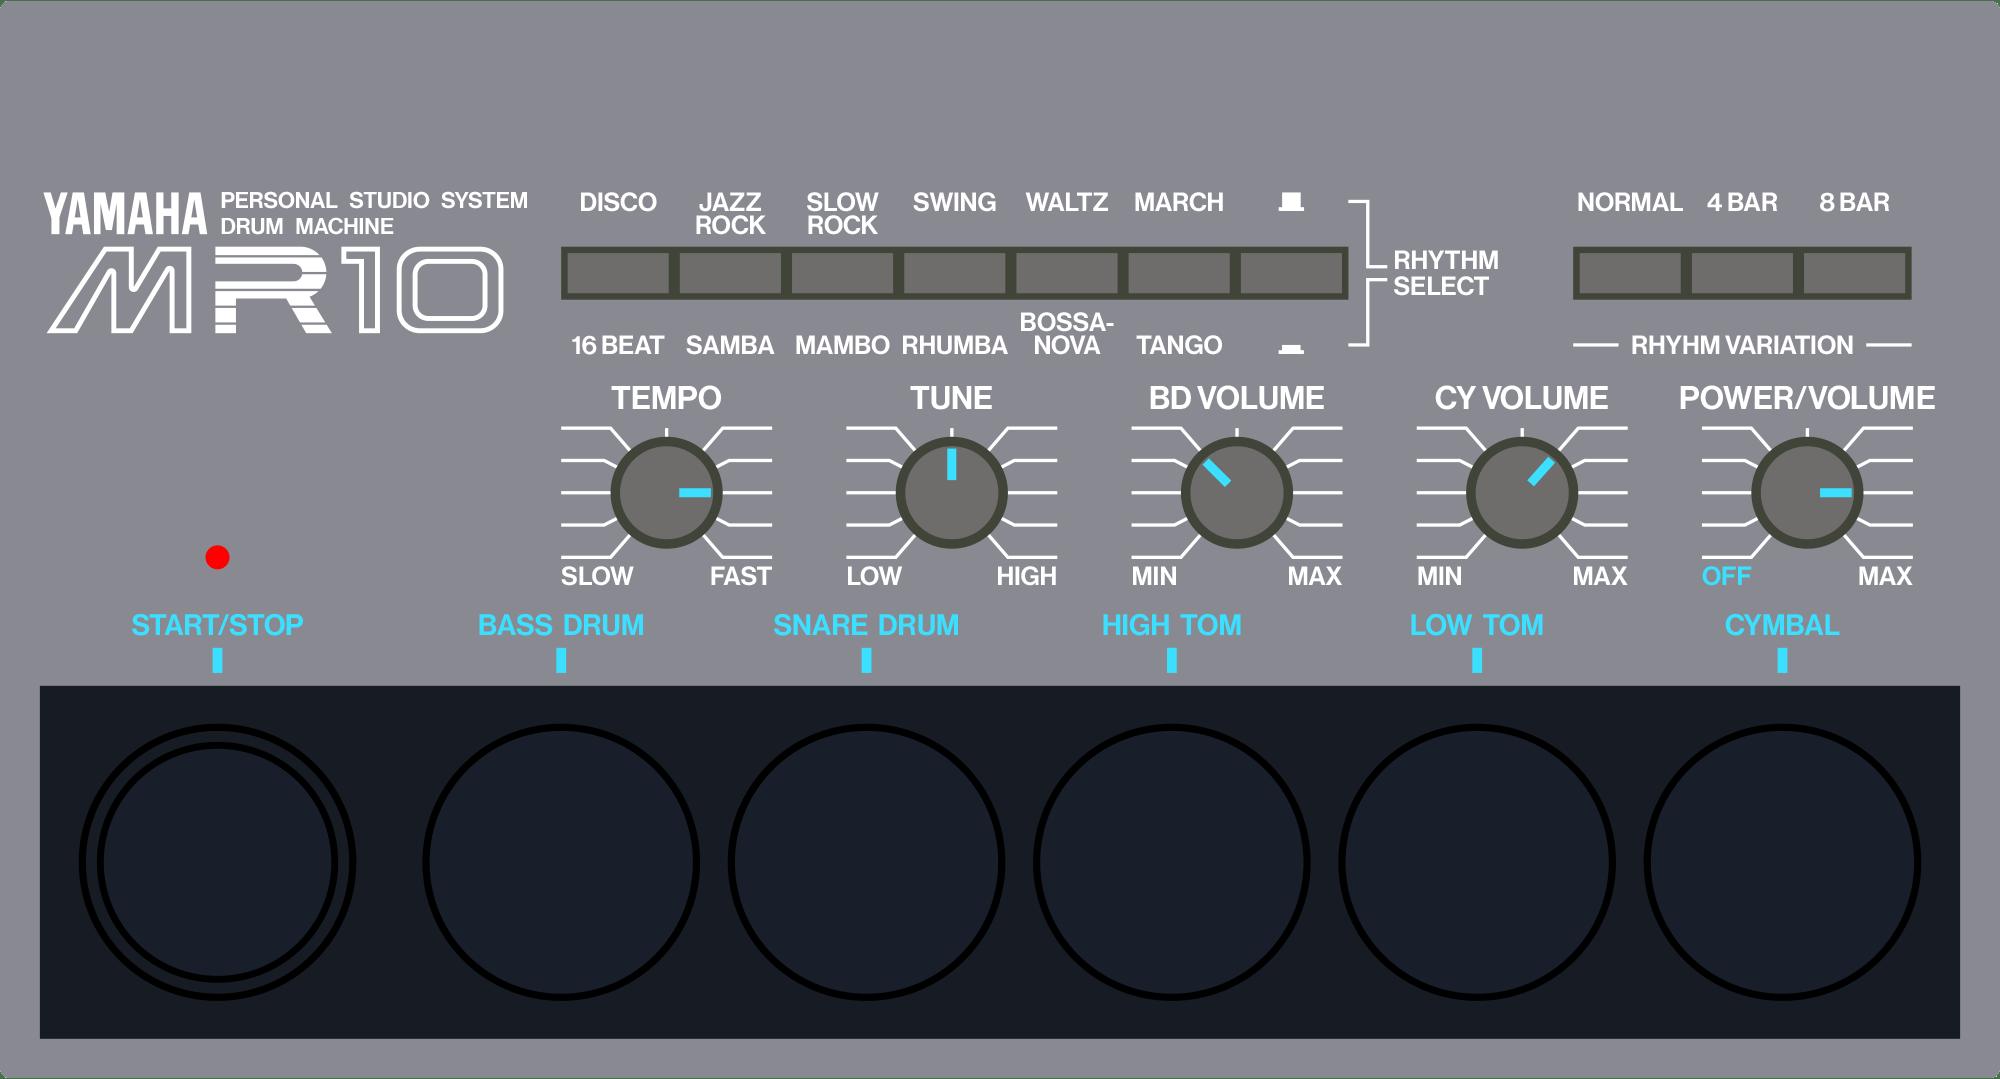 Yamaha MR10 analog drum machine